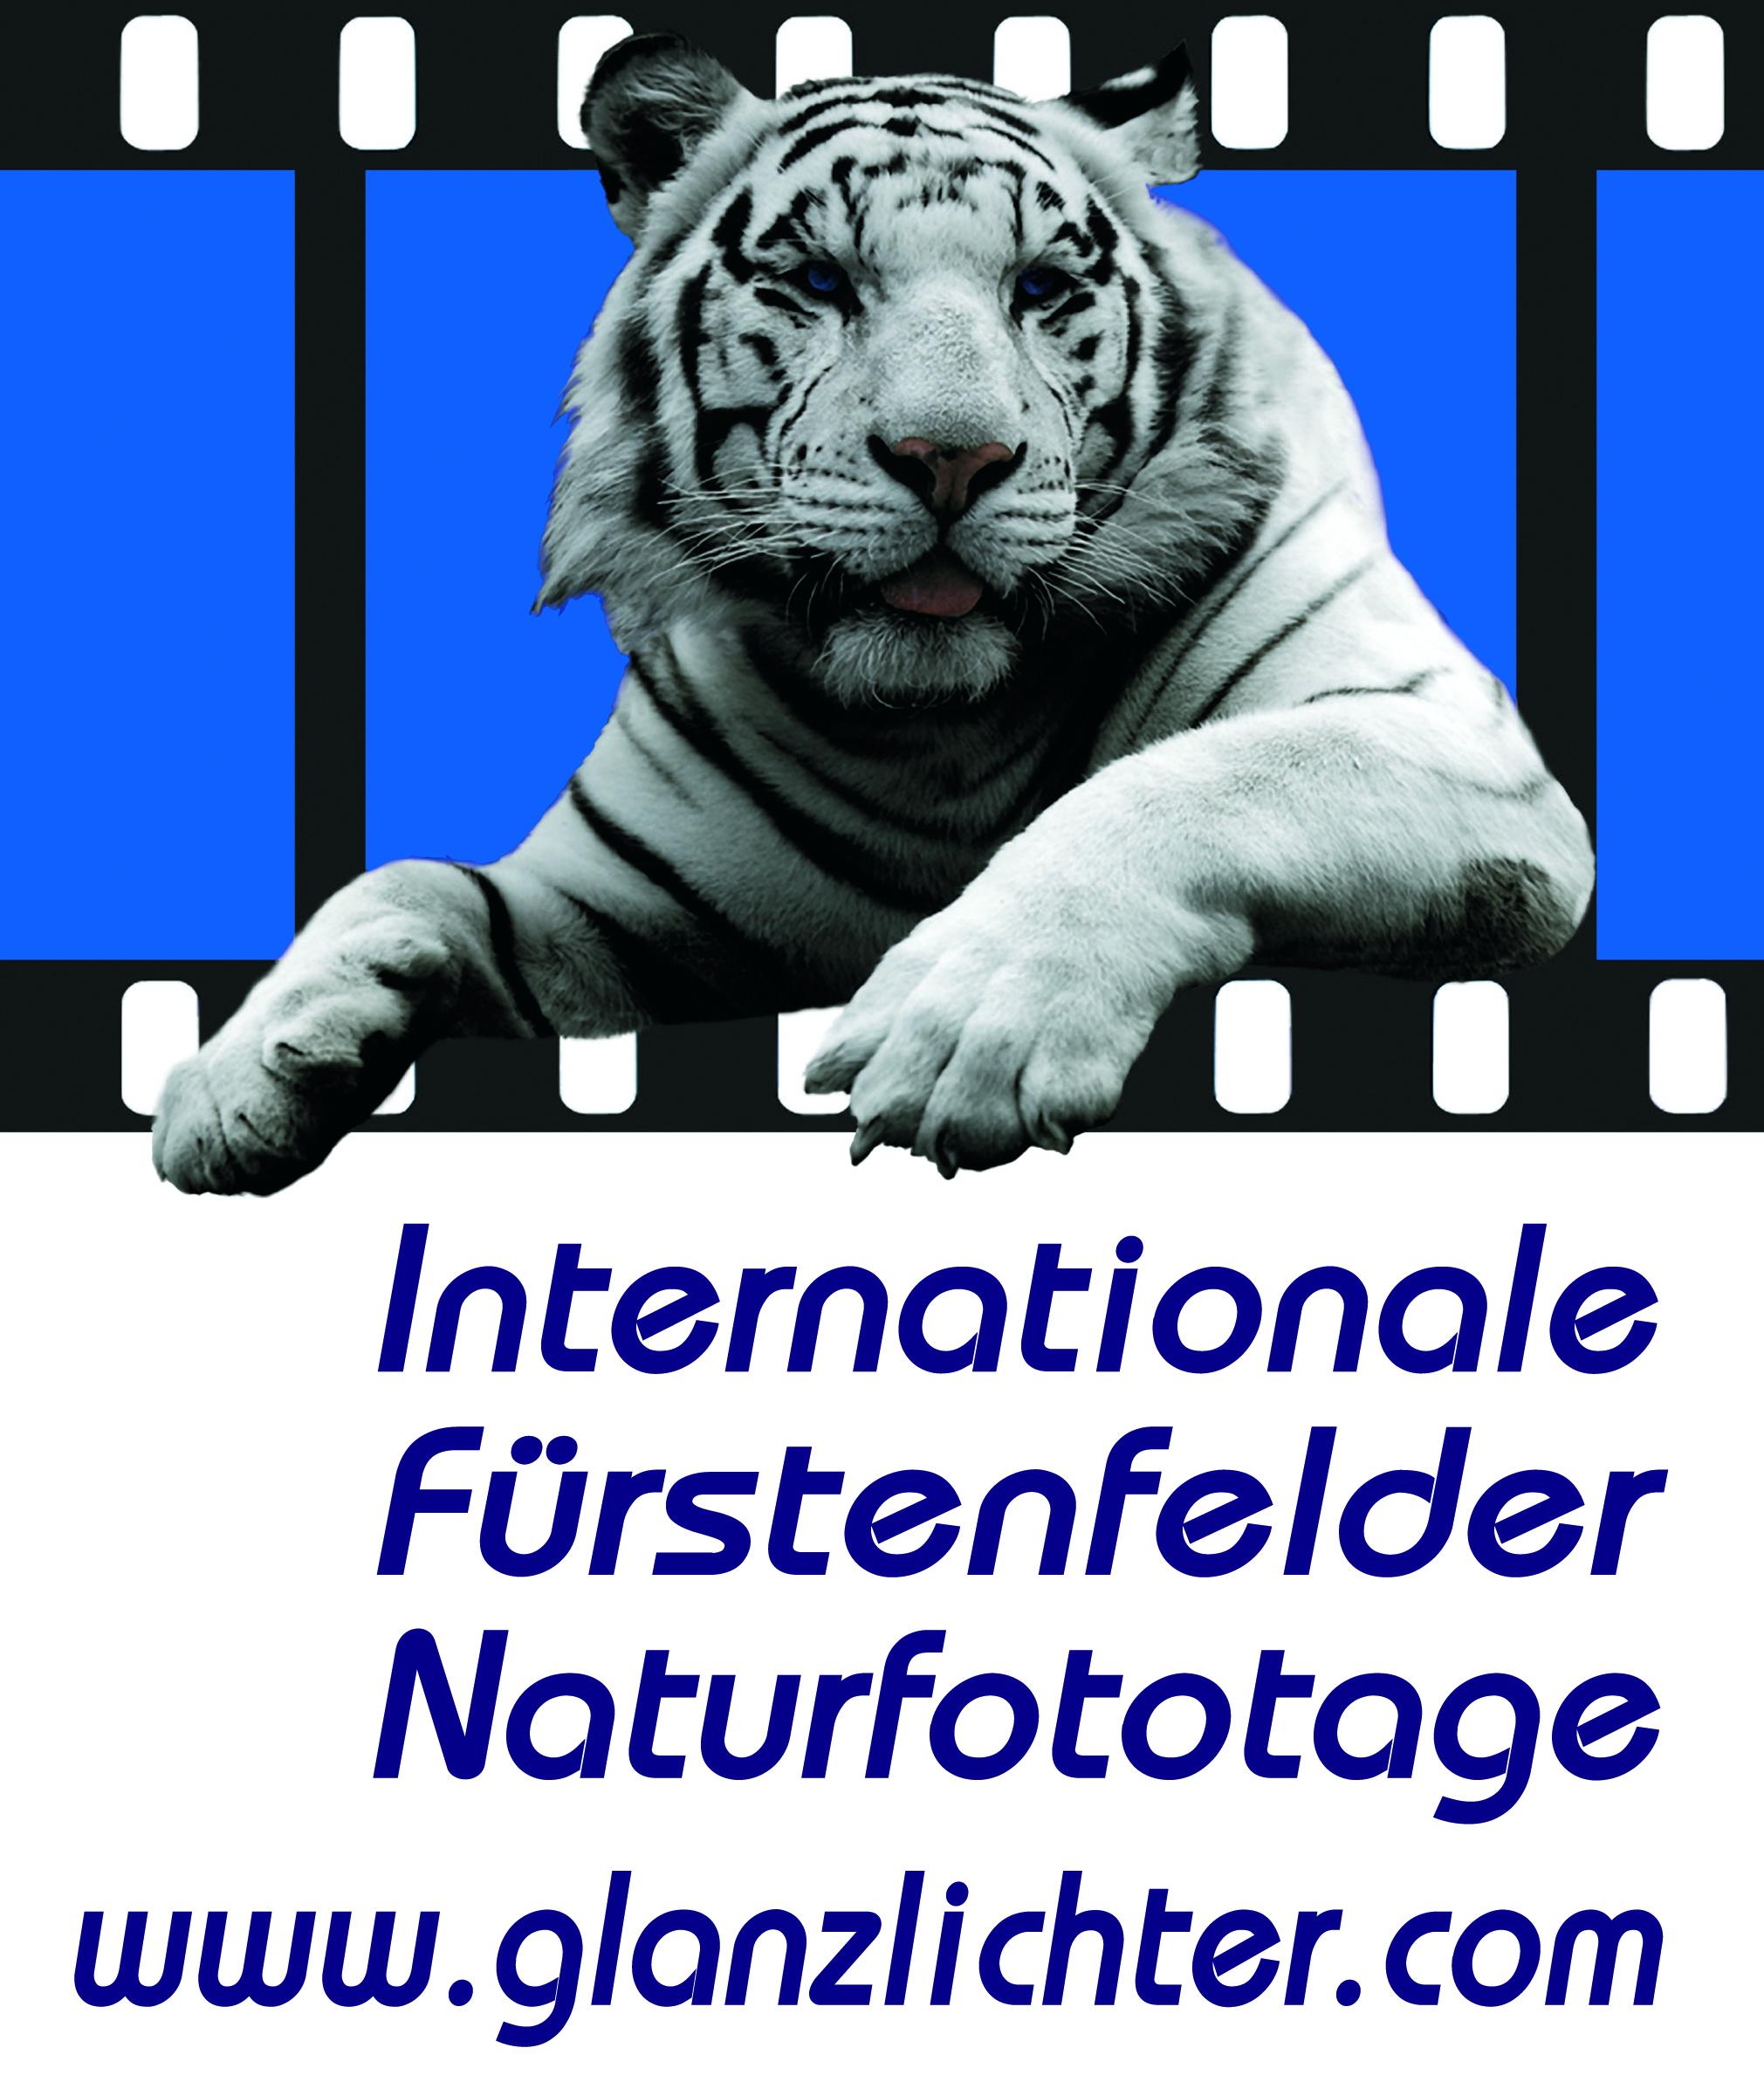 Naturfototage